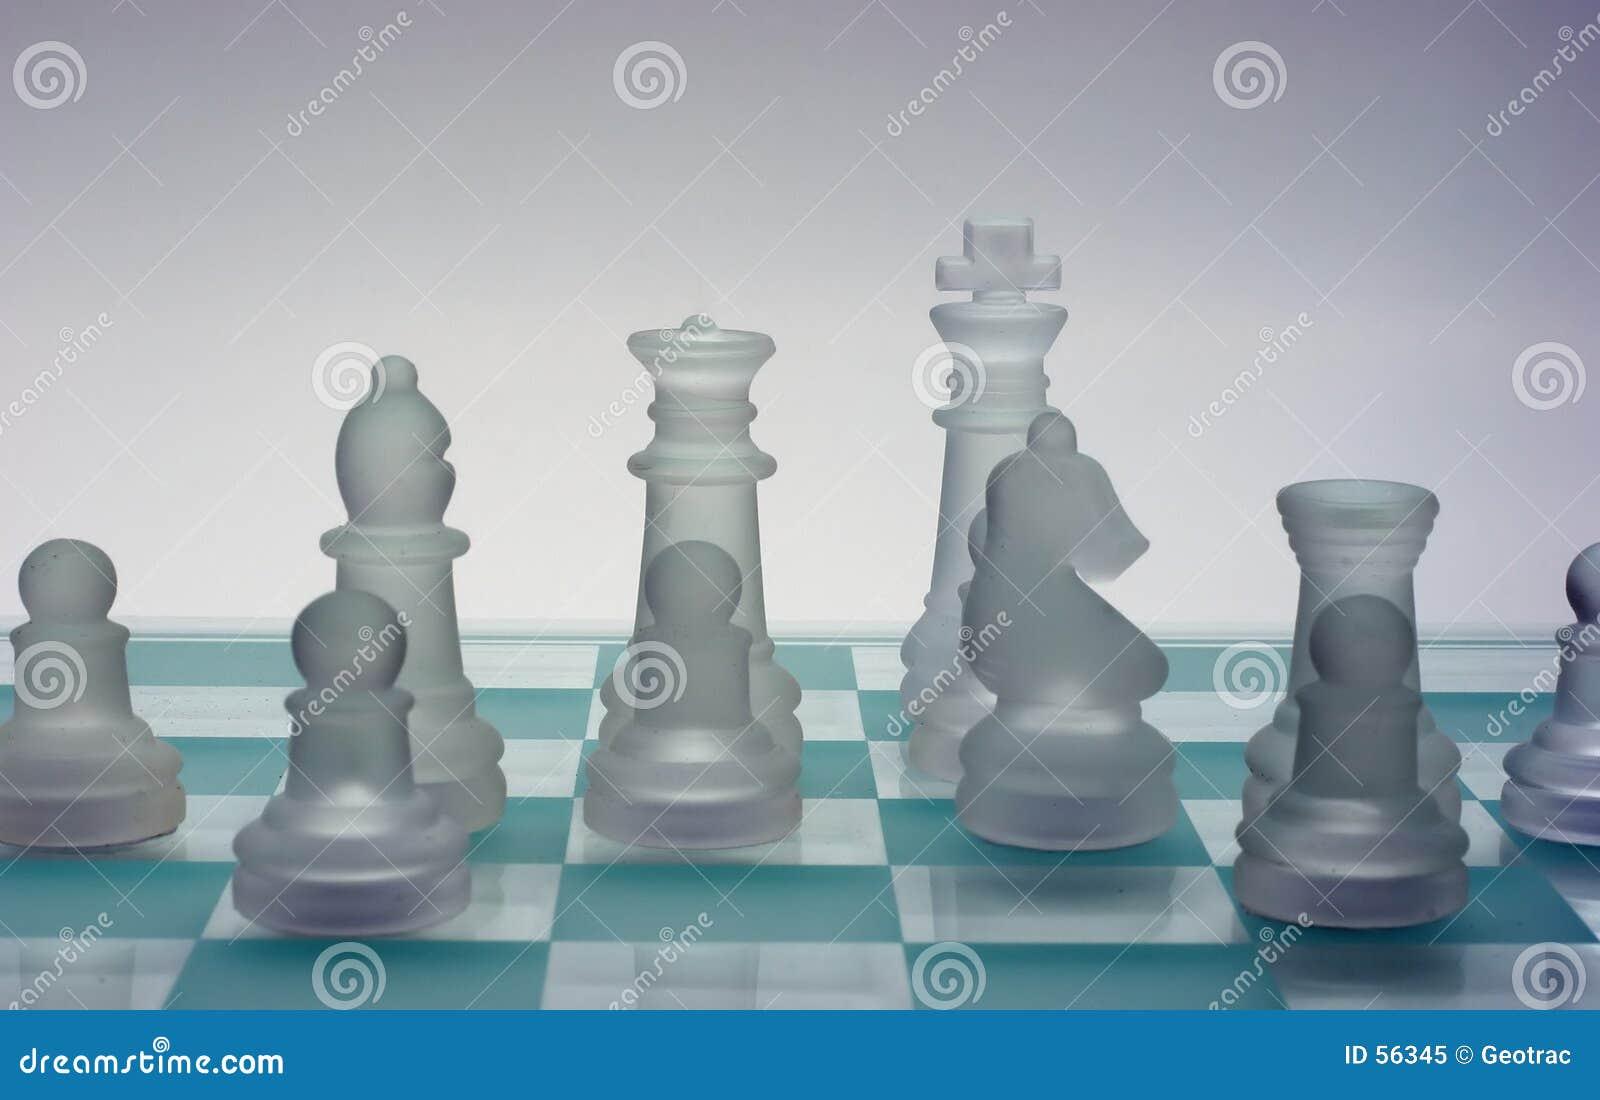 ομάδα σκακιού